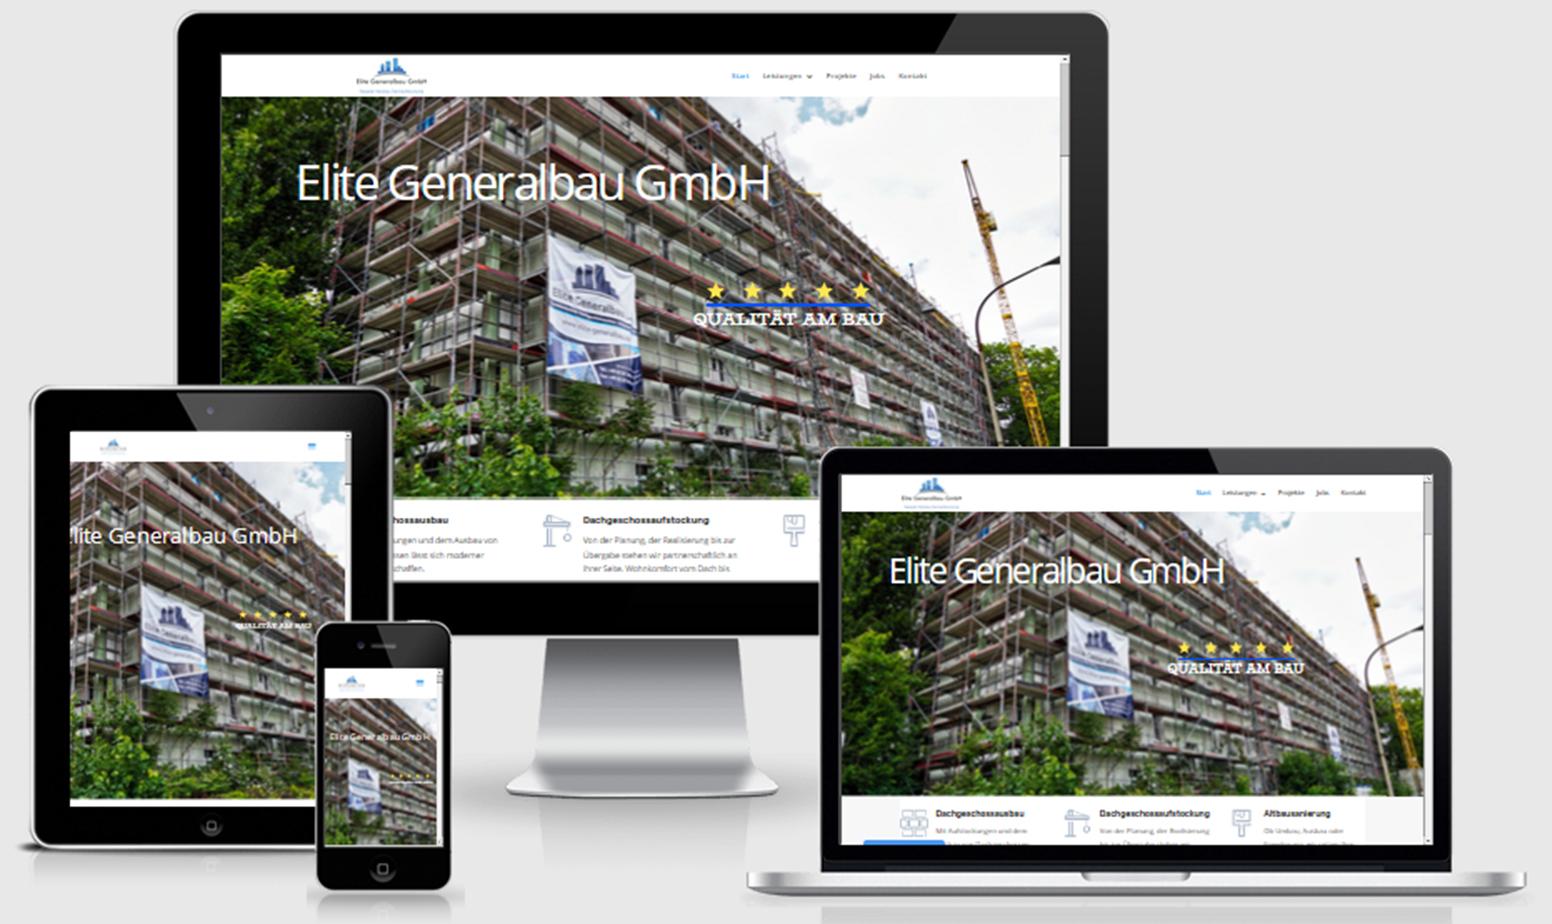 Webseite erstellen lassen Berlin https://stylermedia.de/webseite-erstellen-lassen/